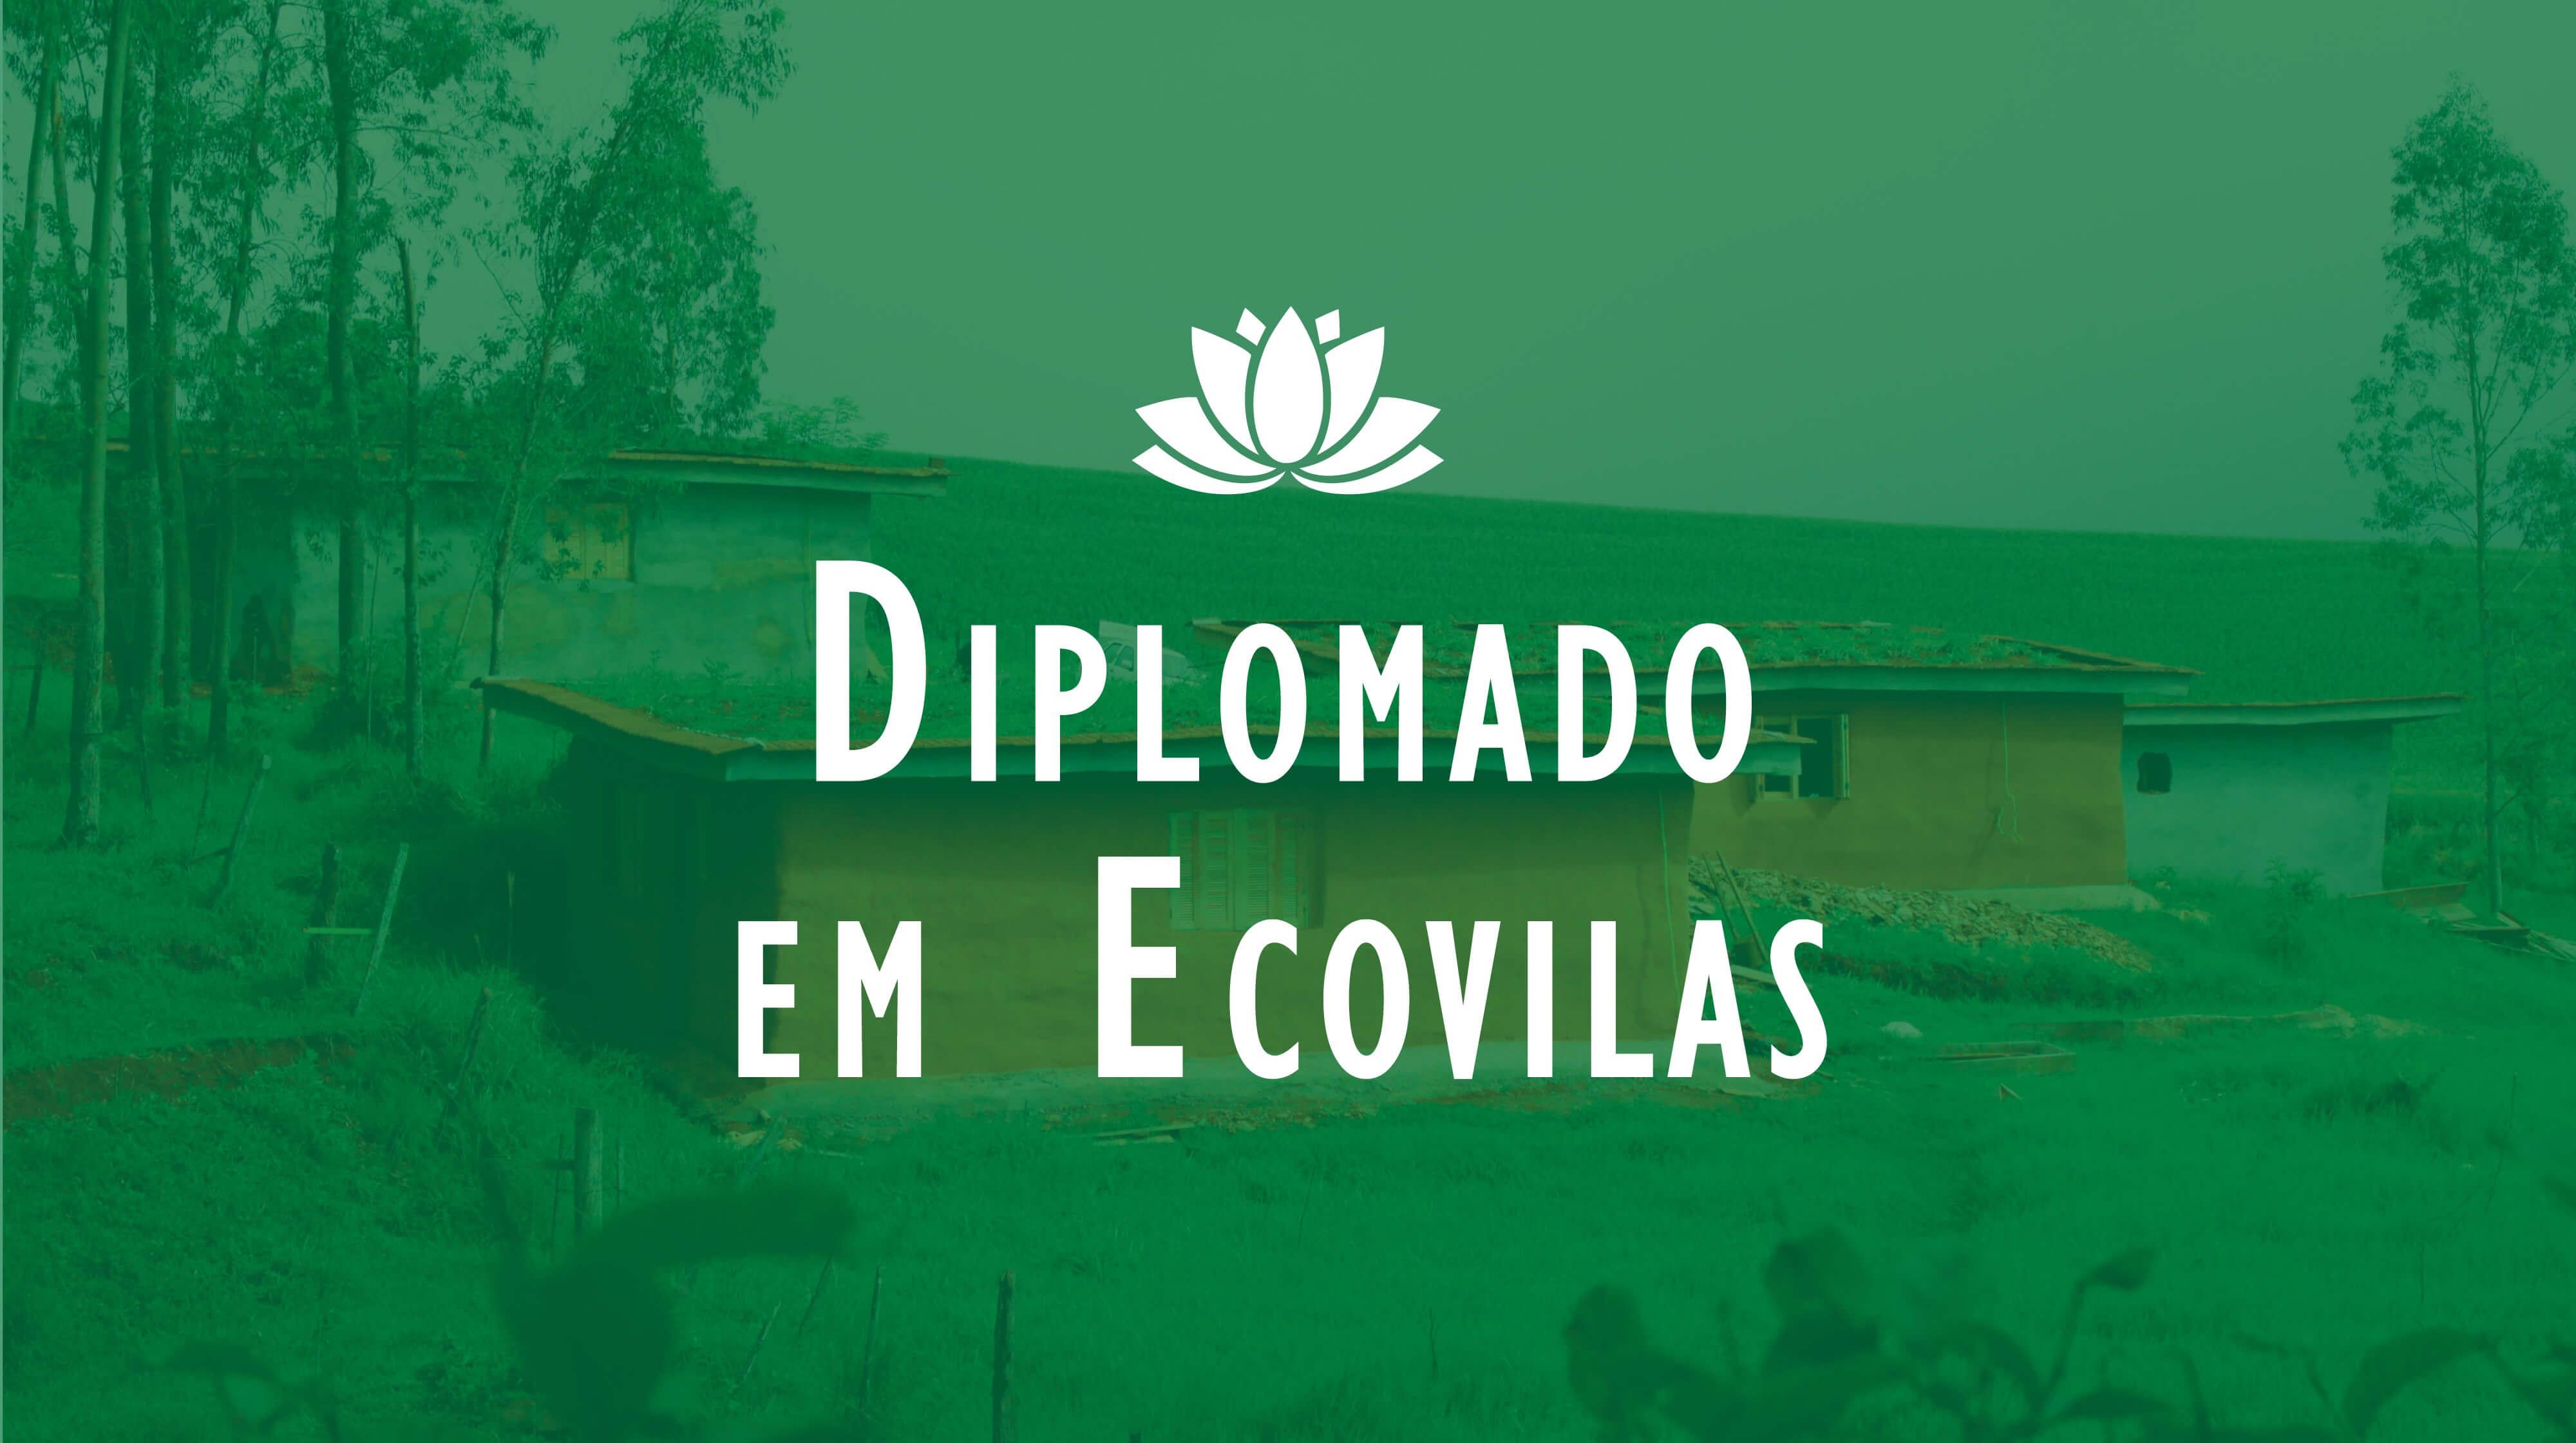 Ecovilas